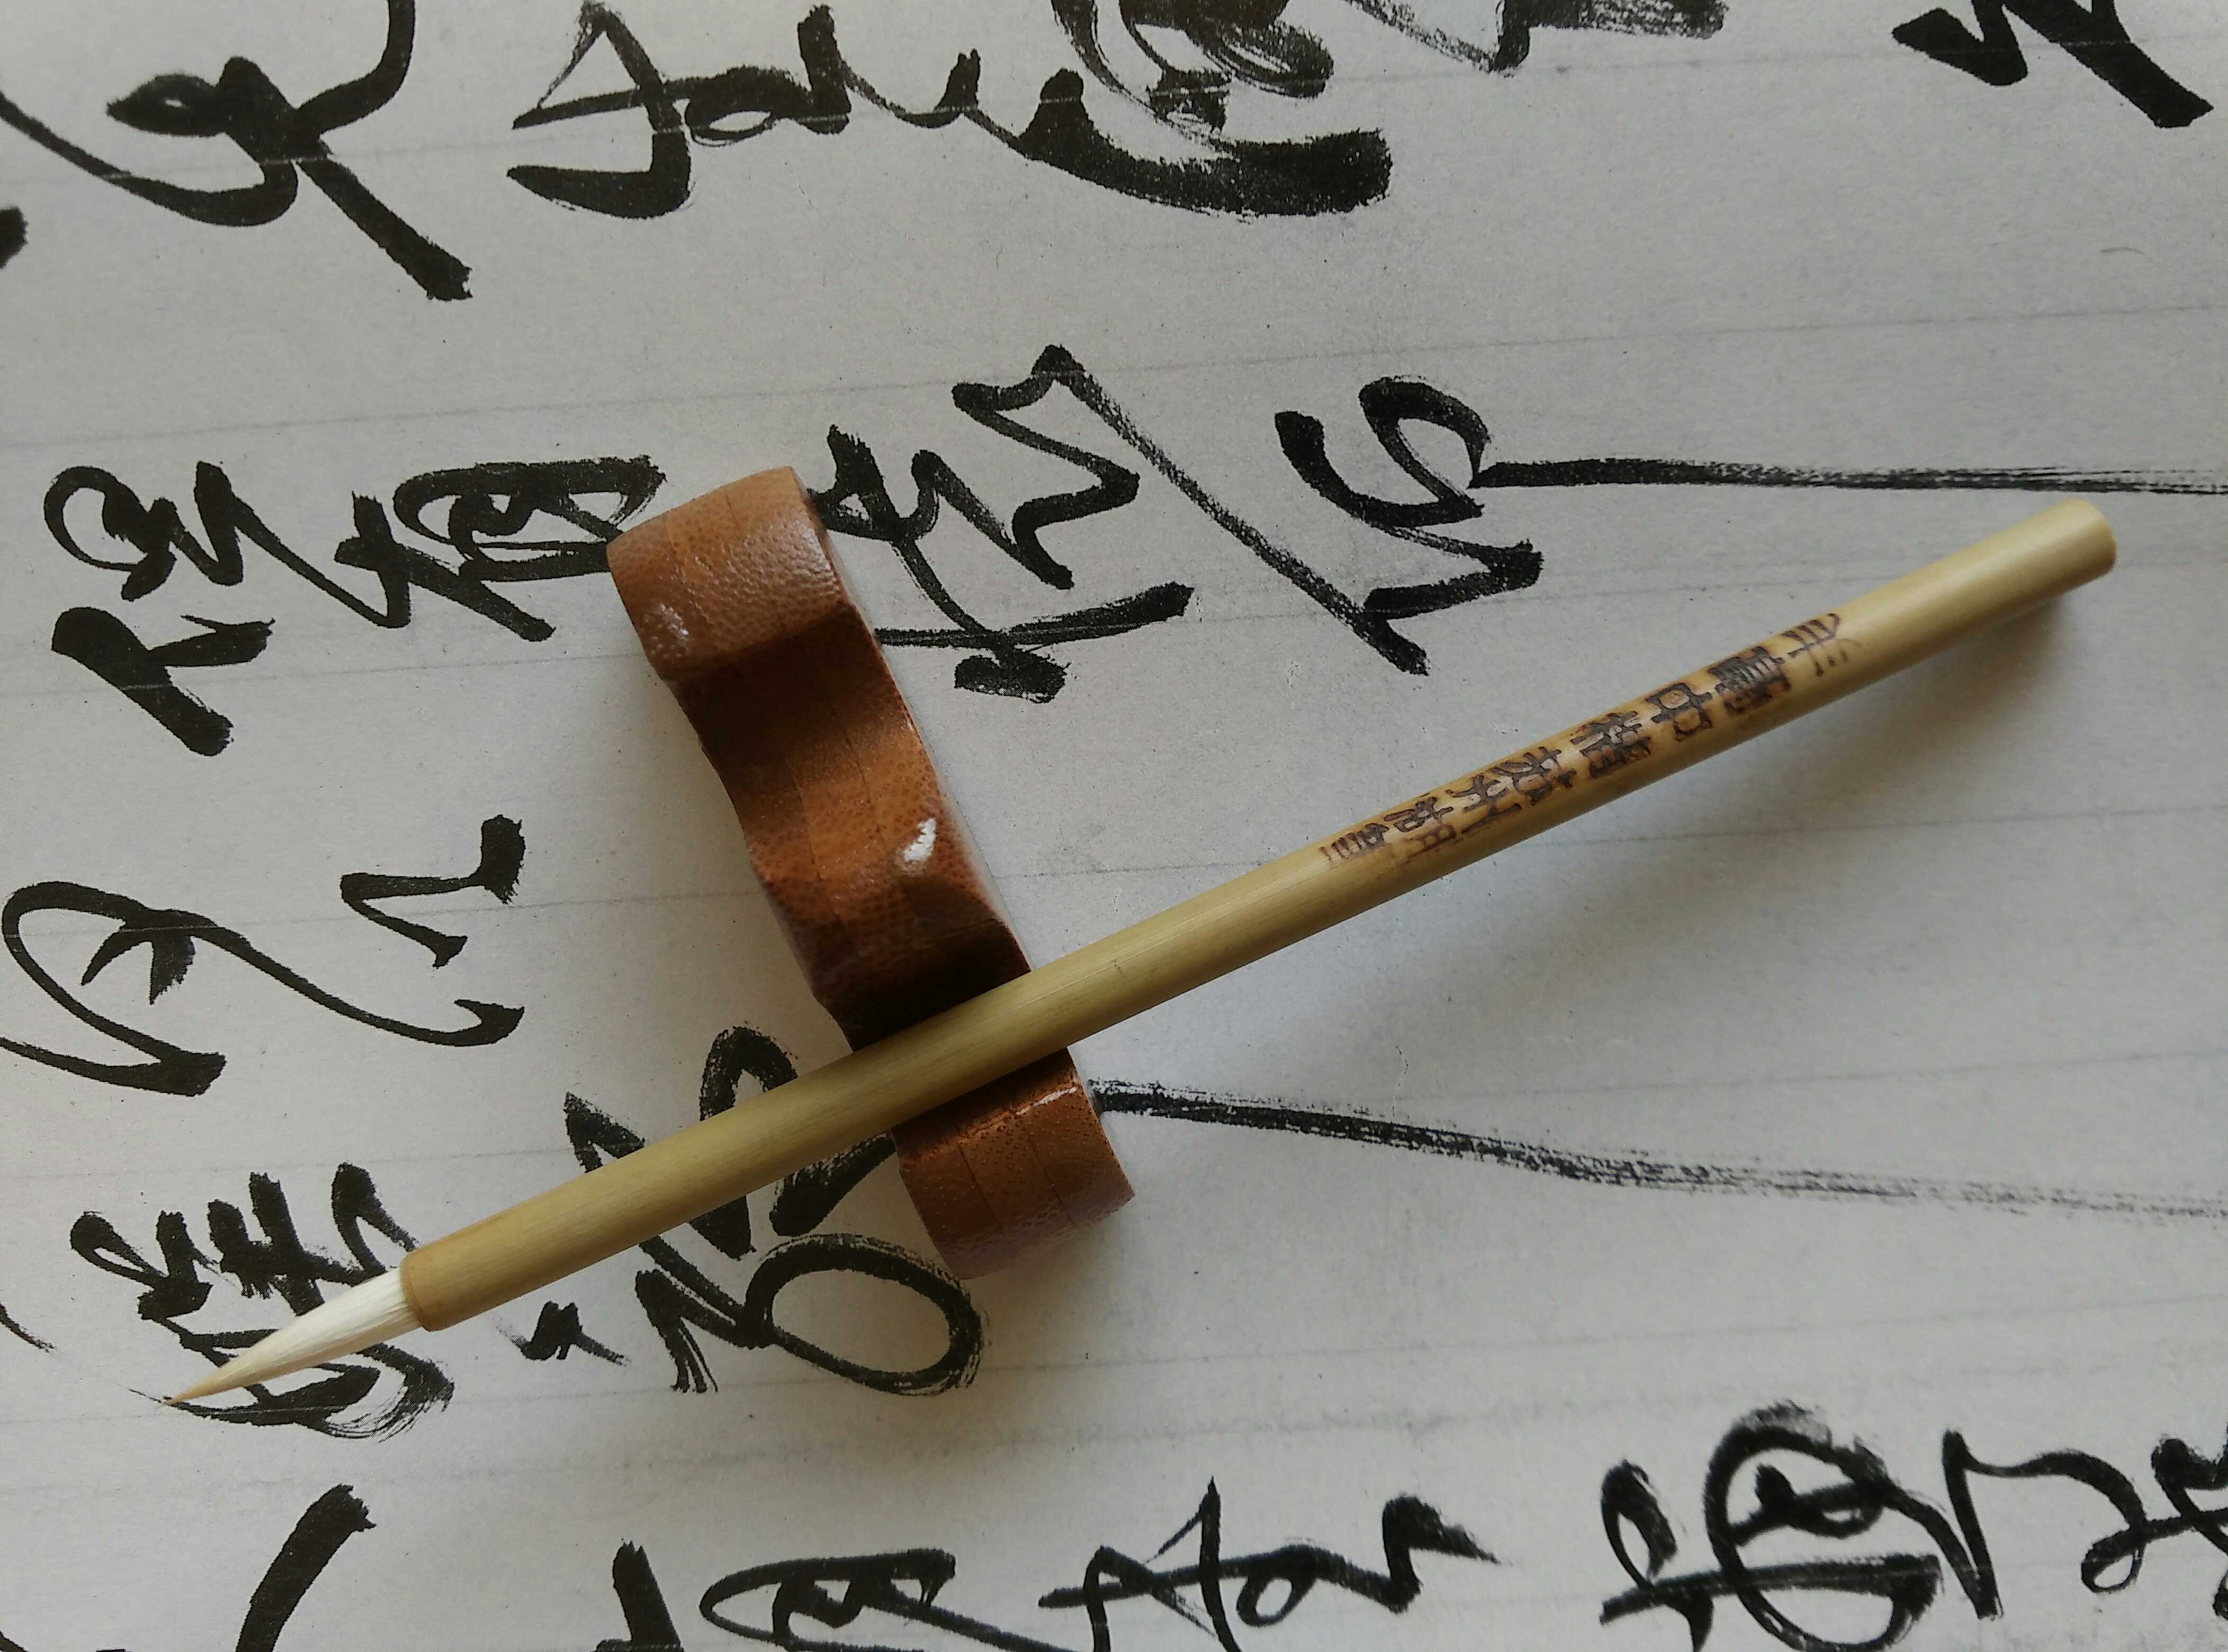 中楷羊毫苏州湖笔(河北乐亭制笔厂)80年代出口老笔